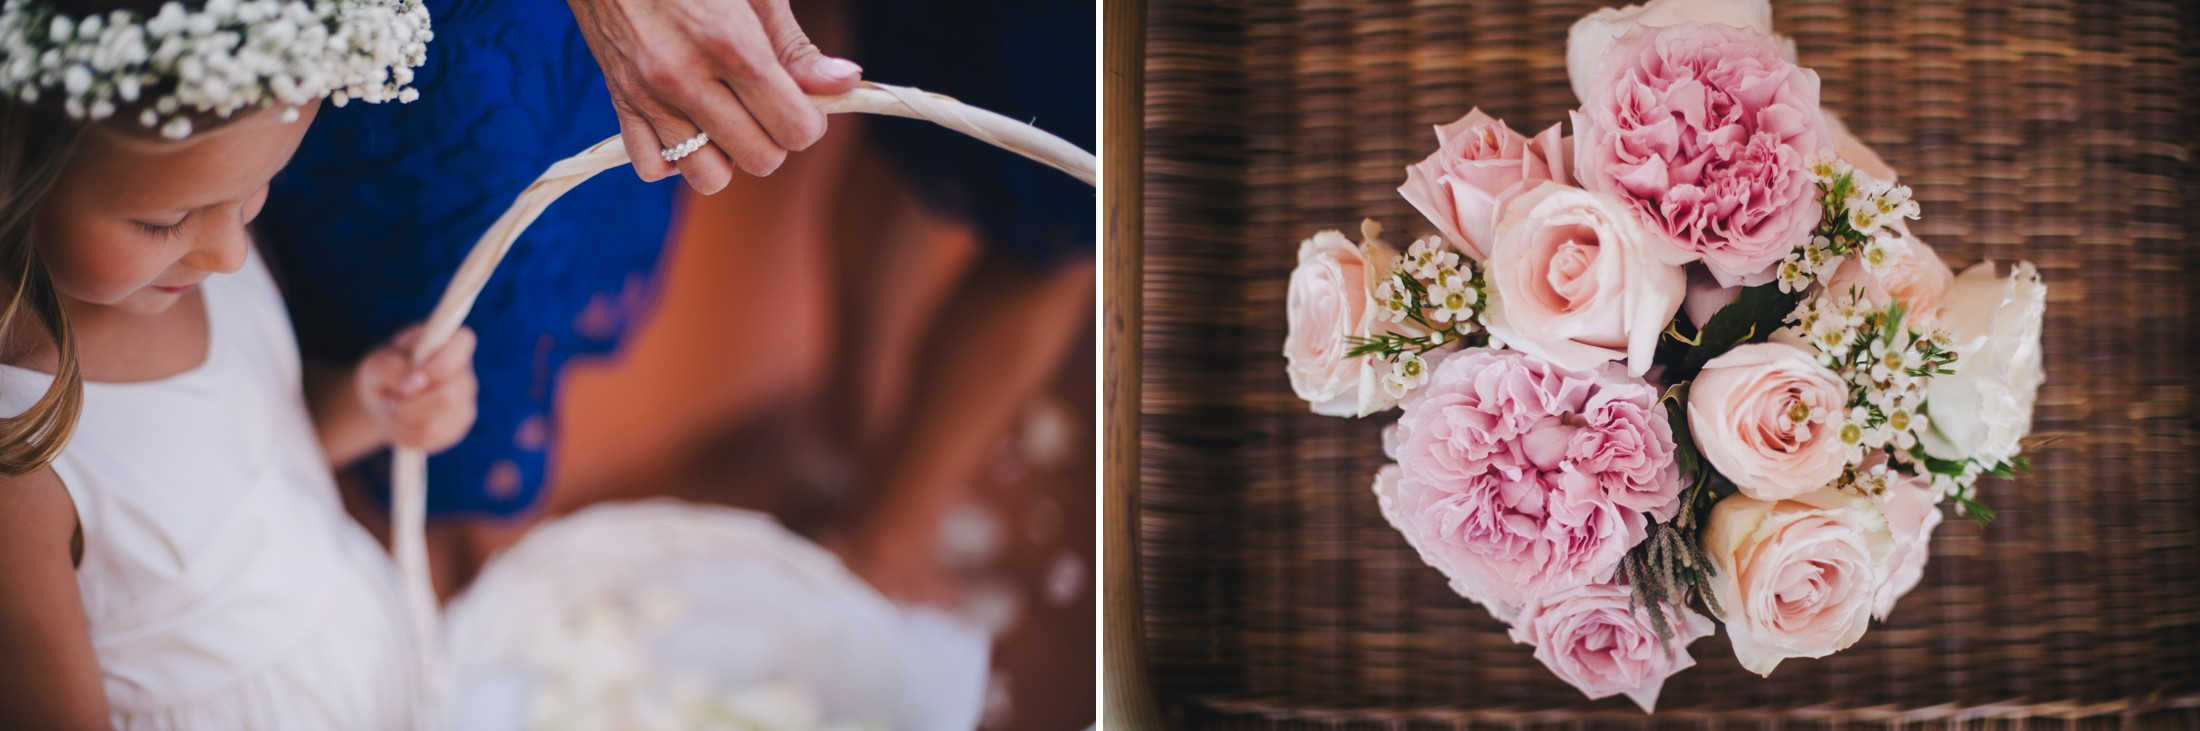 wedding in sorrento flower decor detail